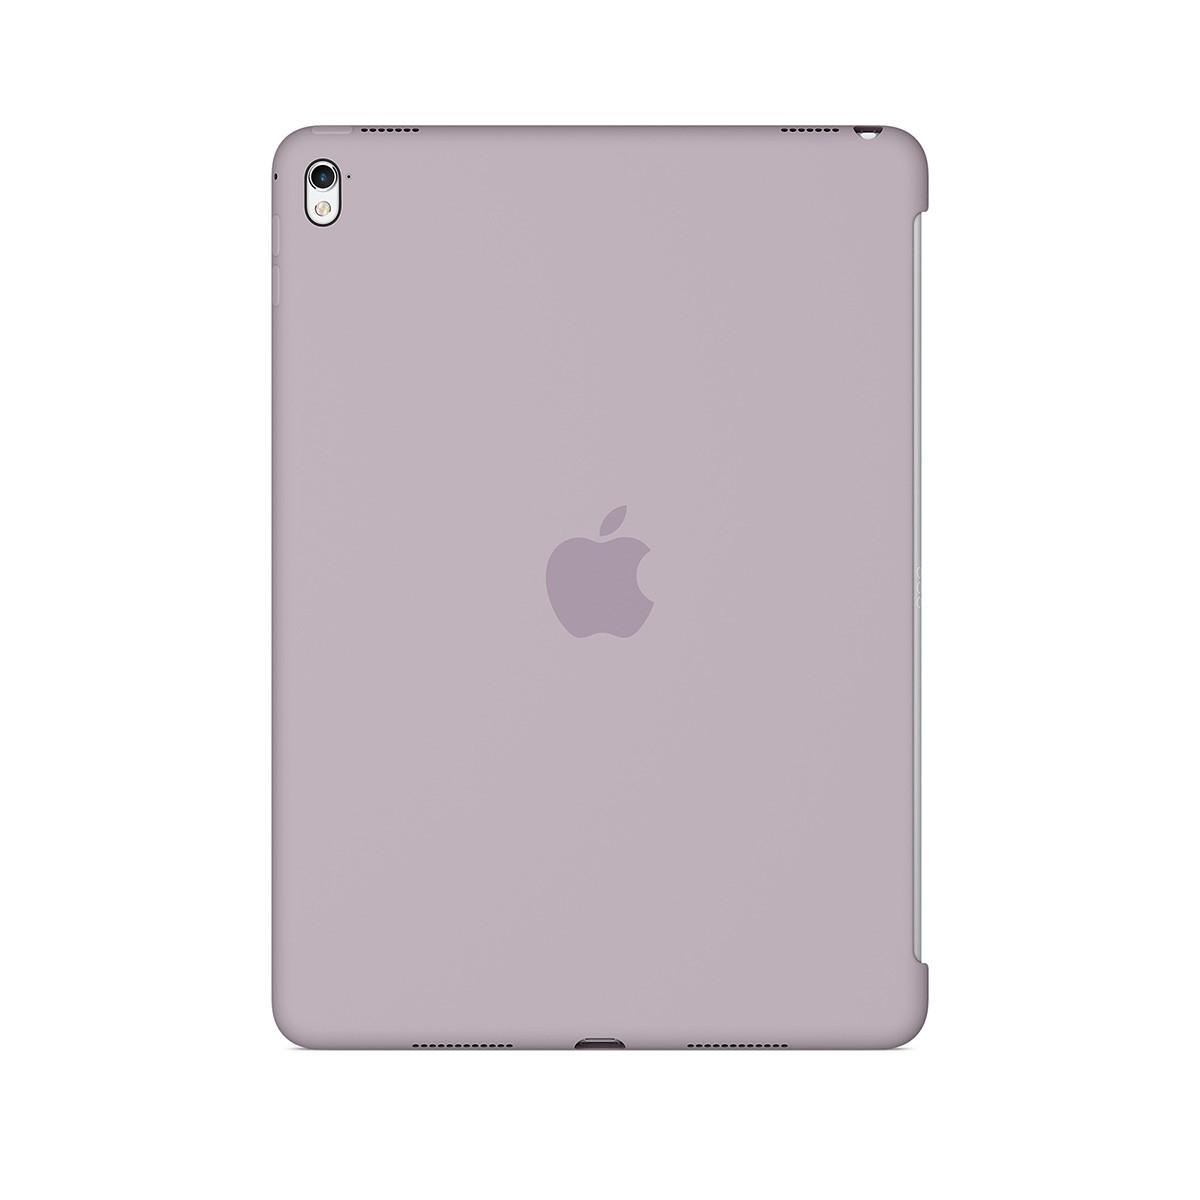 Apple silikonové pouzdro na 9,7palcový iPad Pro - levandulové mm272zm/a